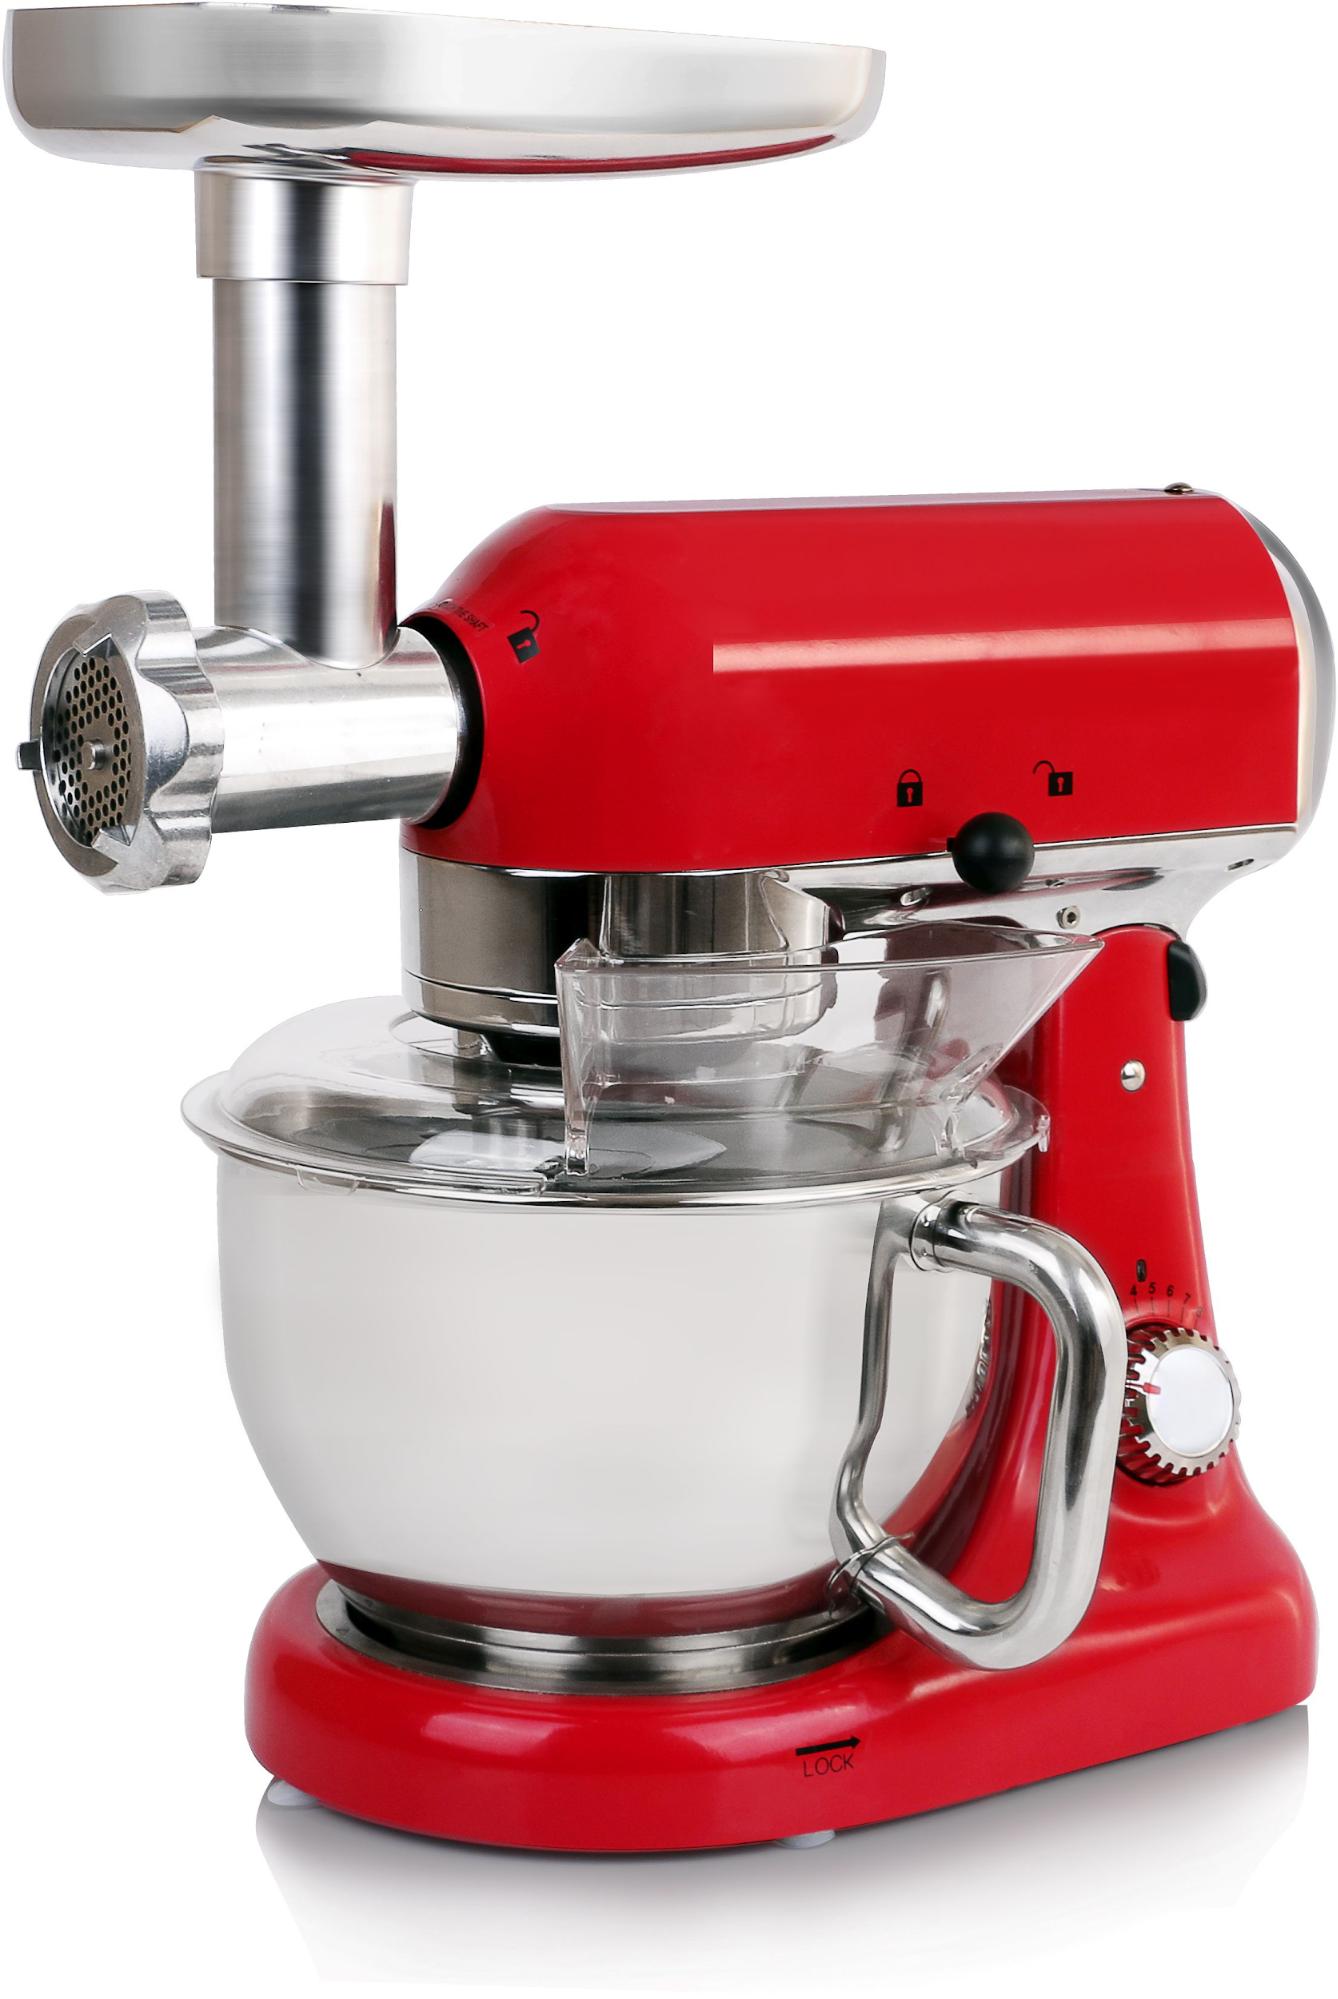 Кухонная машина с планетарным миксером